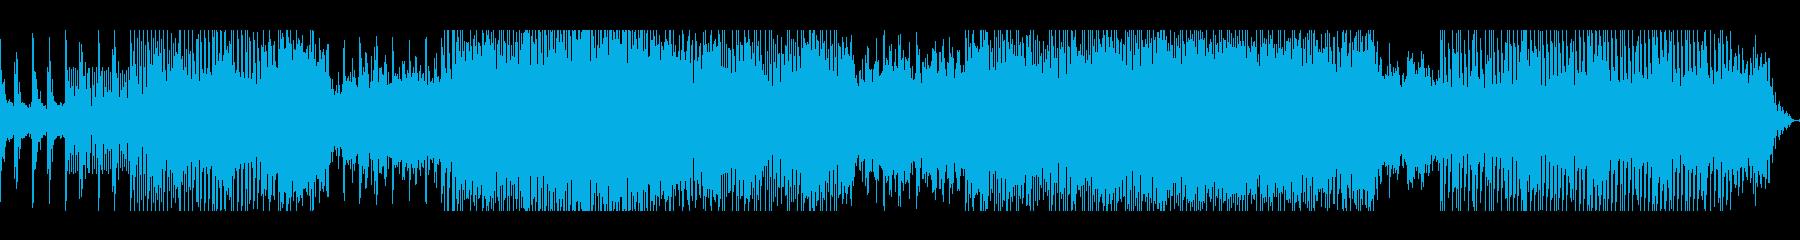 感動的な雰囲気のHOUSE BEATの再生済みの波形